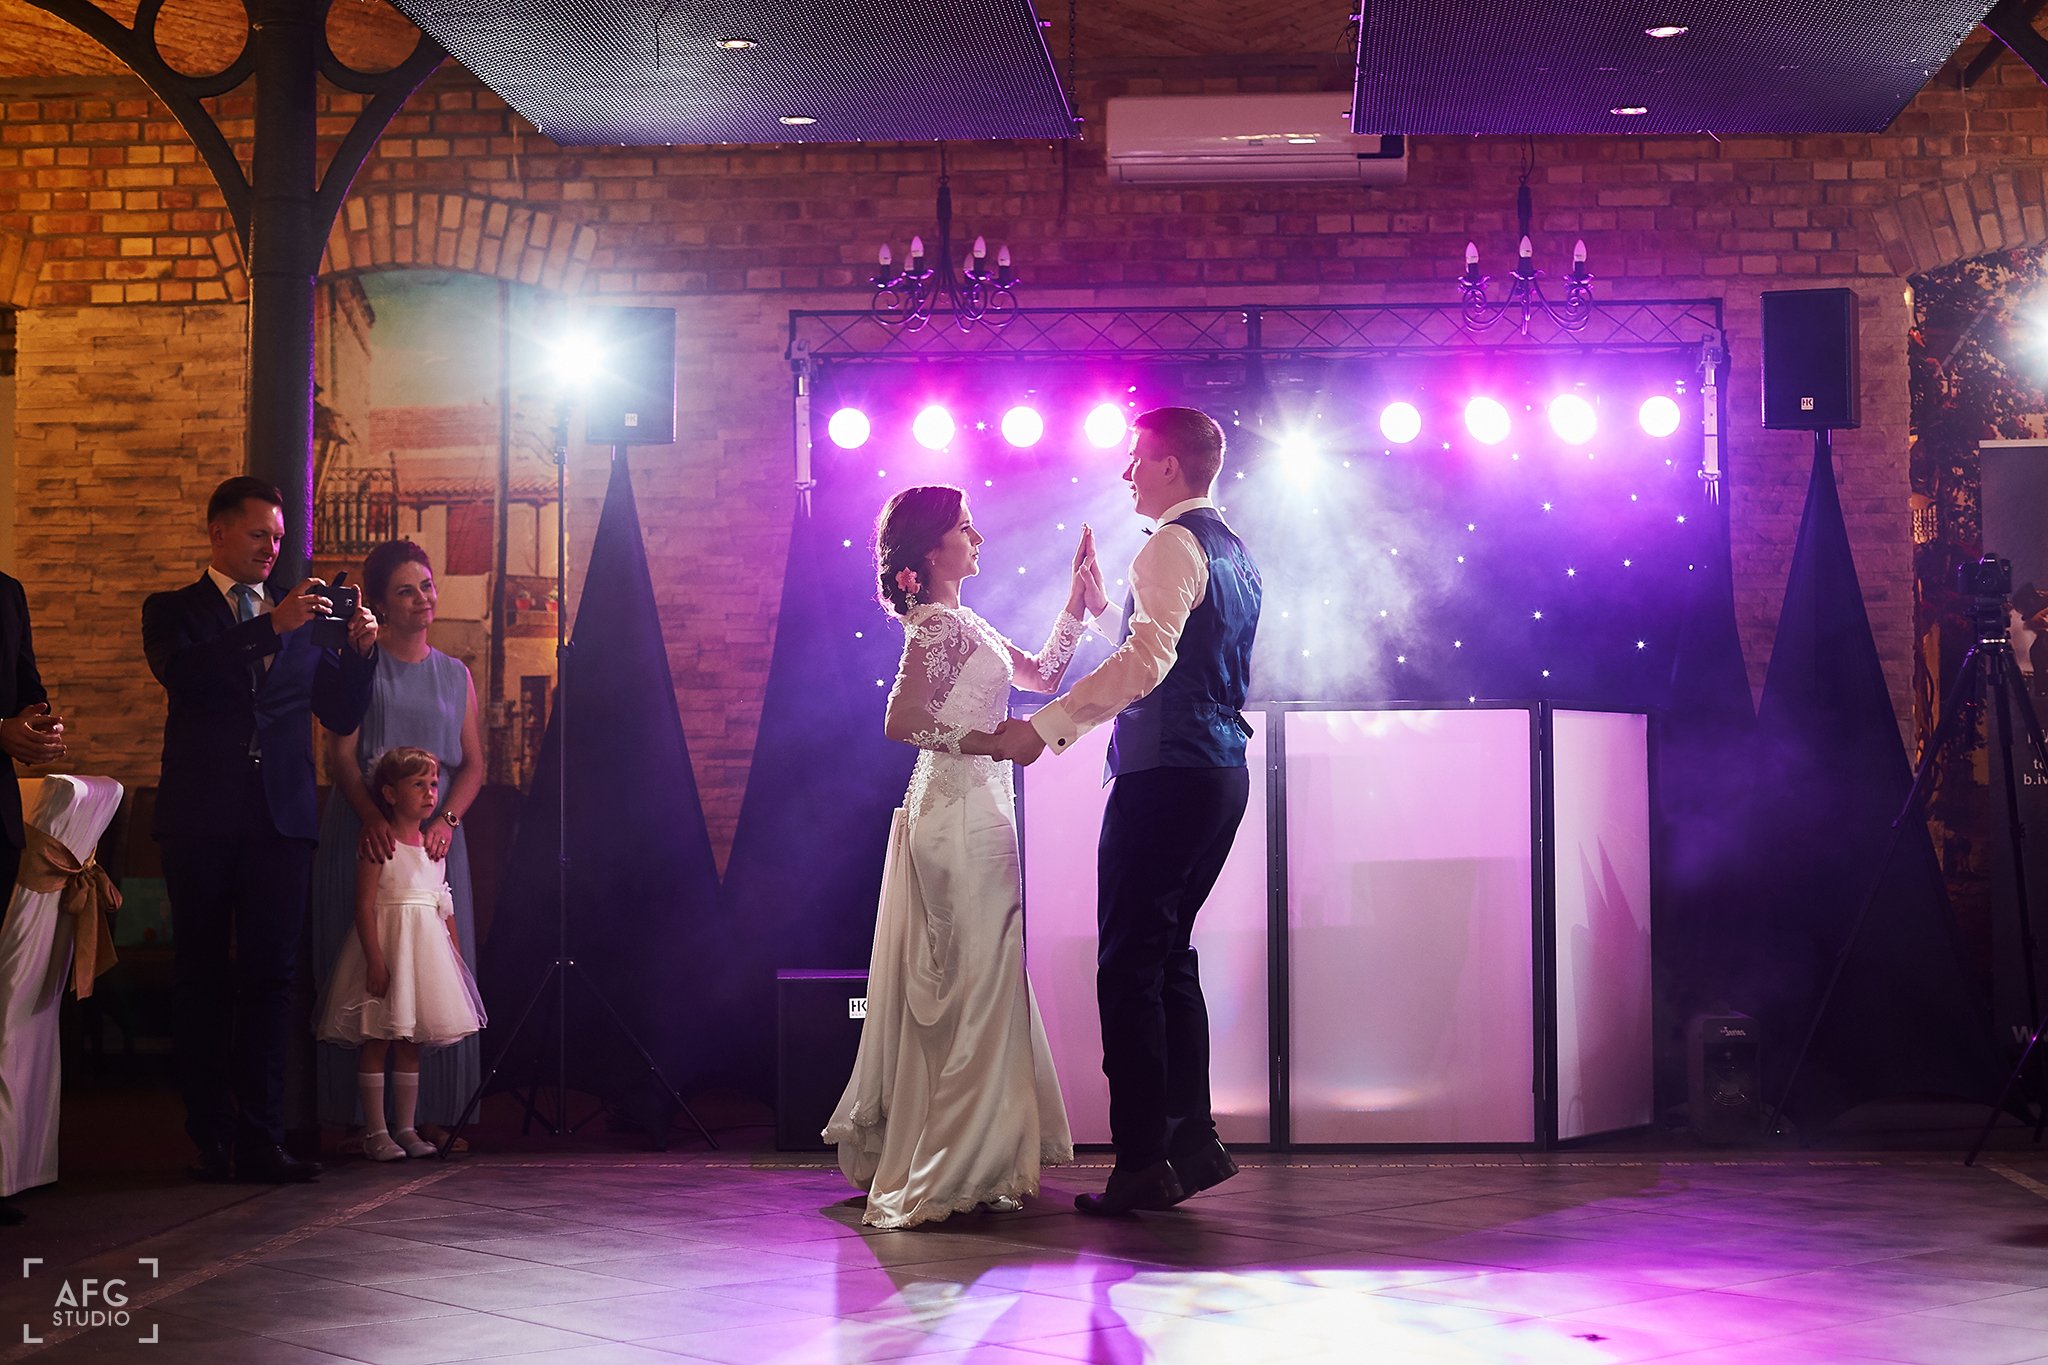 pierwszy taniec, małżeństwo, wesele